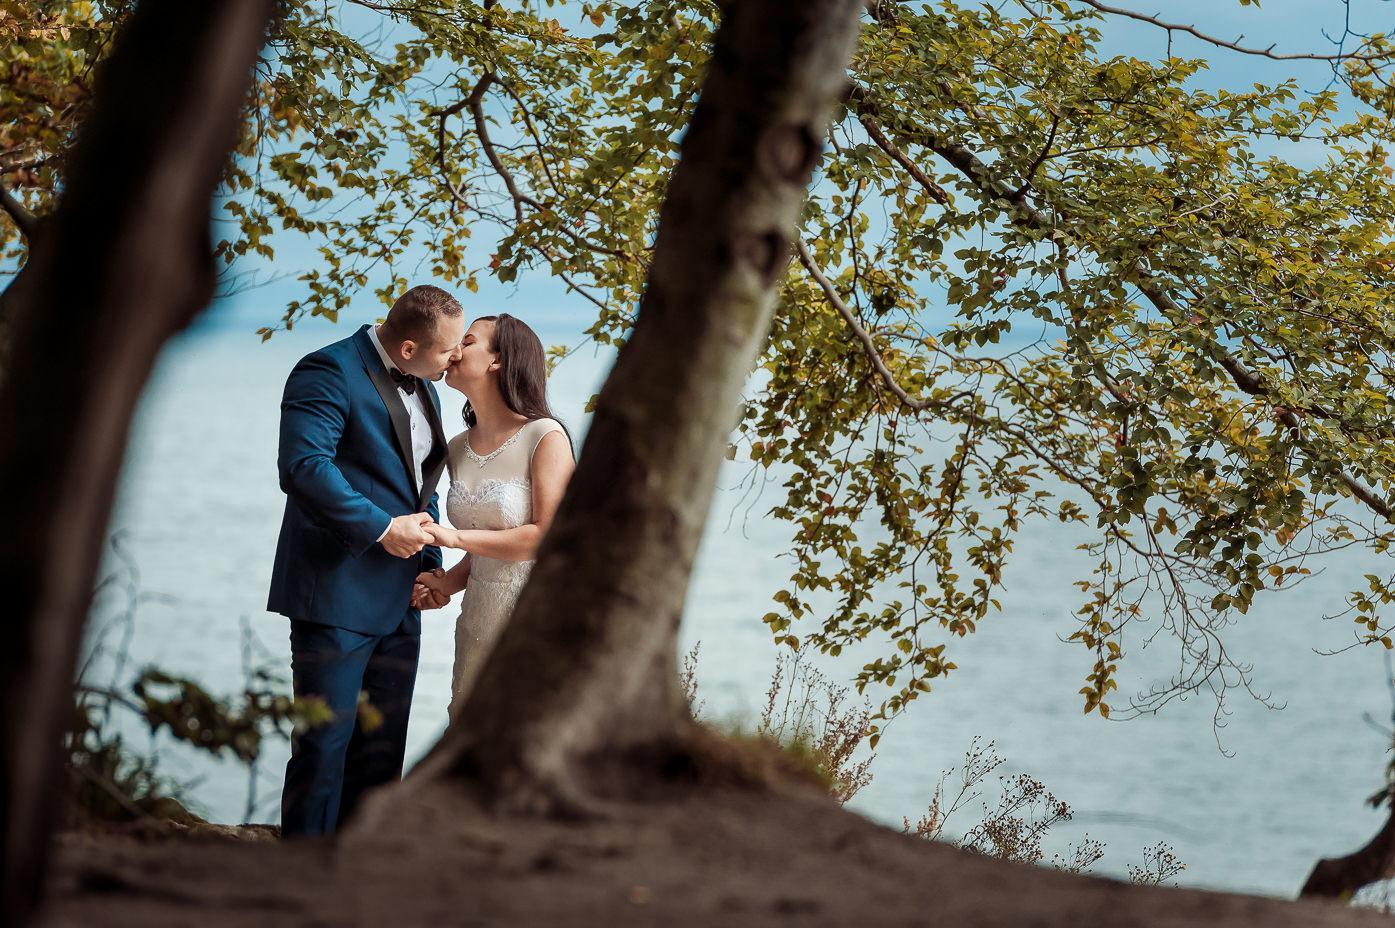 Fotograf ślubny Sopot - zapadające w pamięć zdjęcia ślubne w Trójmieście i okolicach